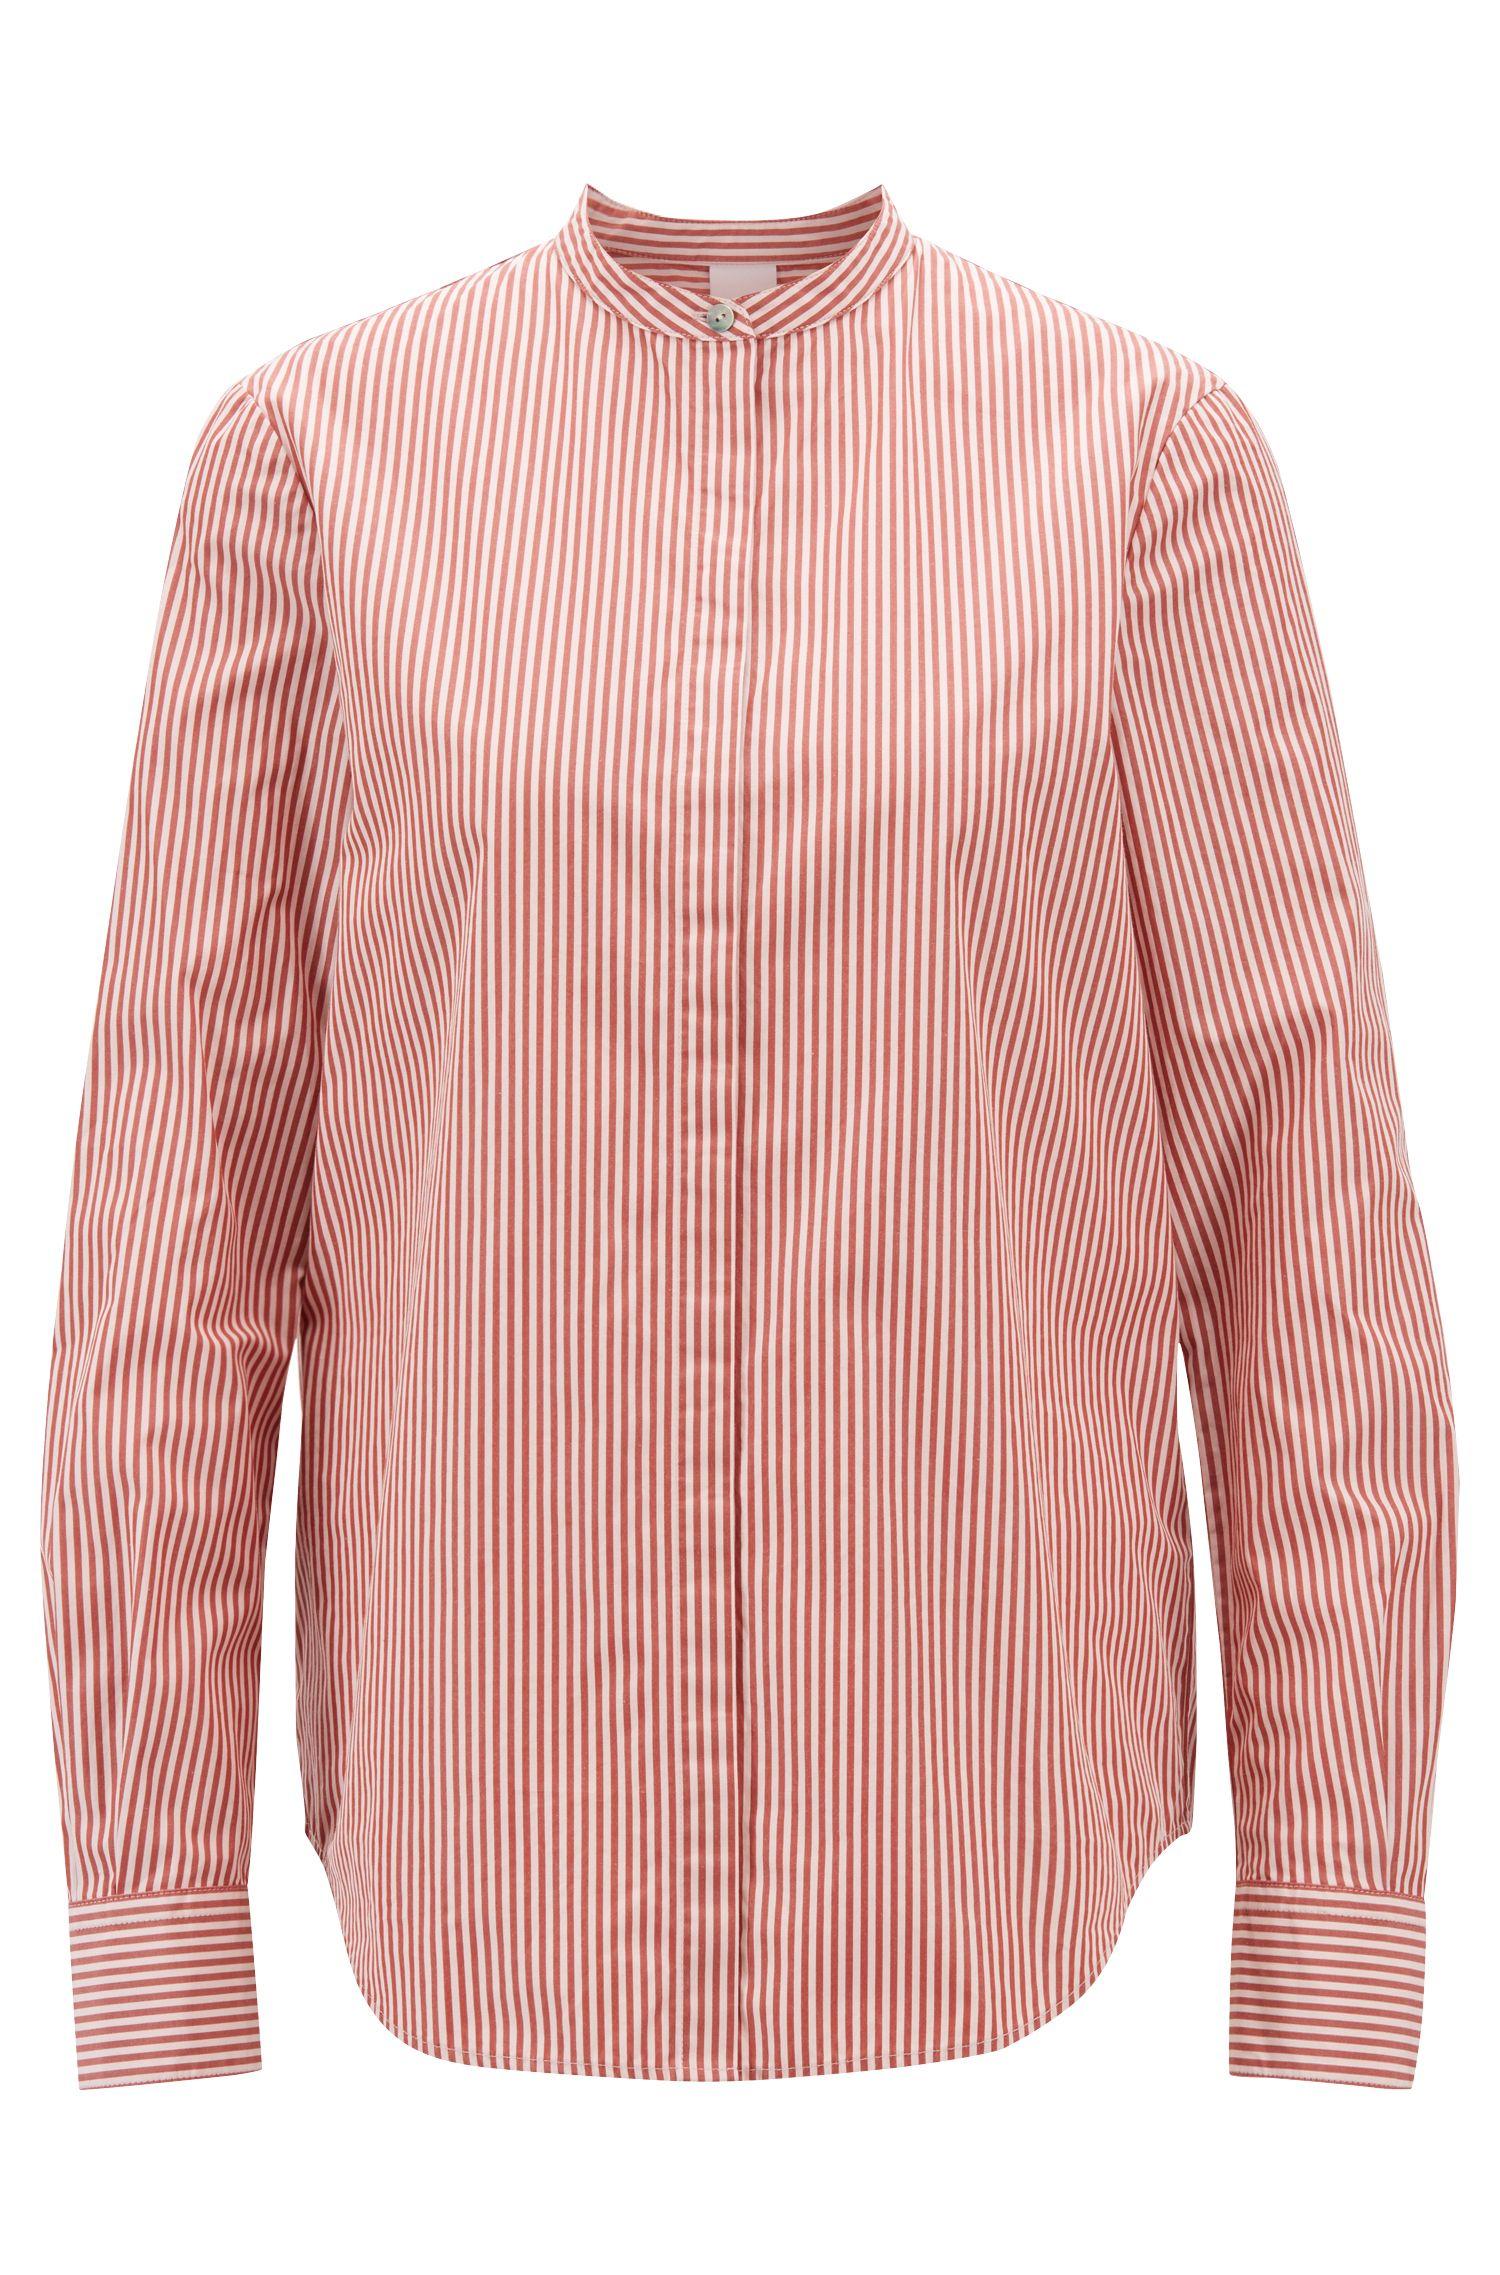 Hugo Boss - Relaxed-Fit Bluse aus gestreifter Baumwolle mit Stehkragen - 1